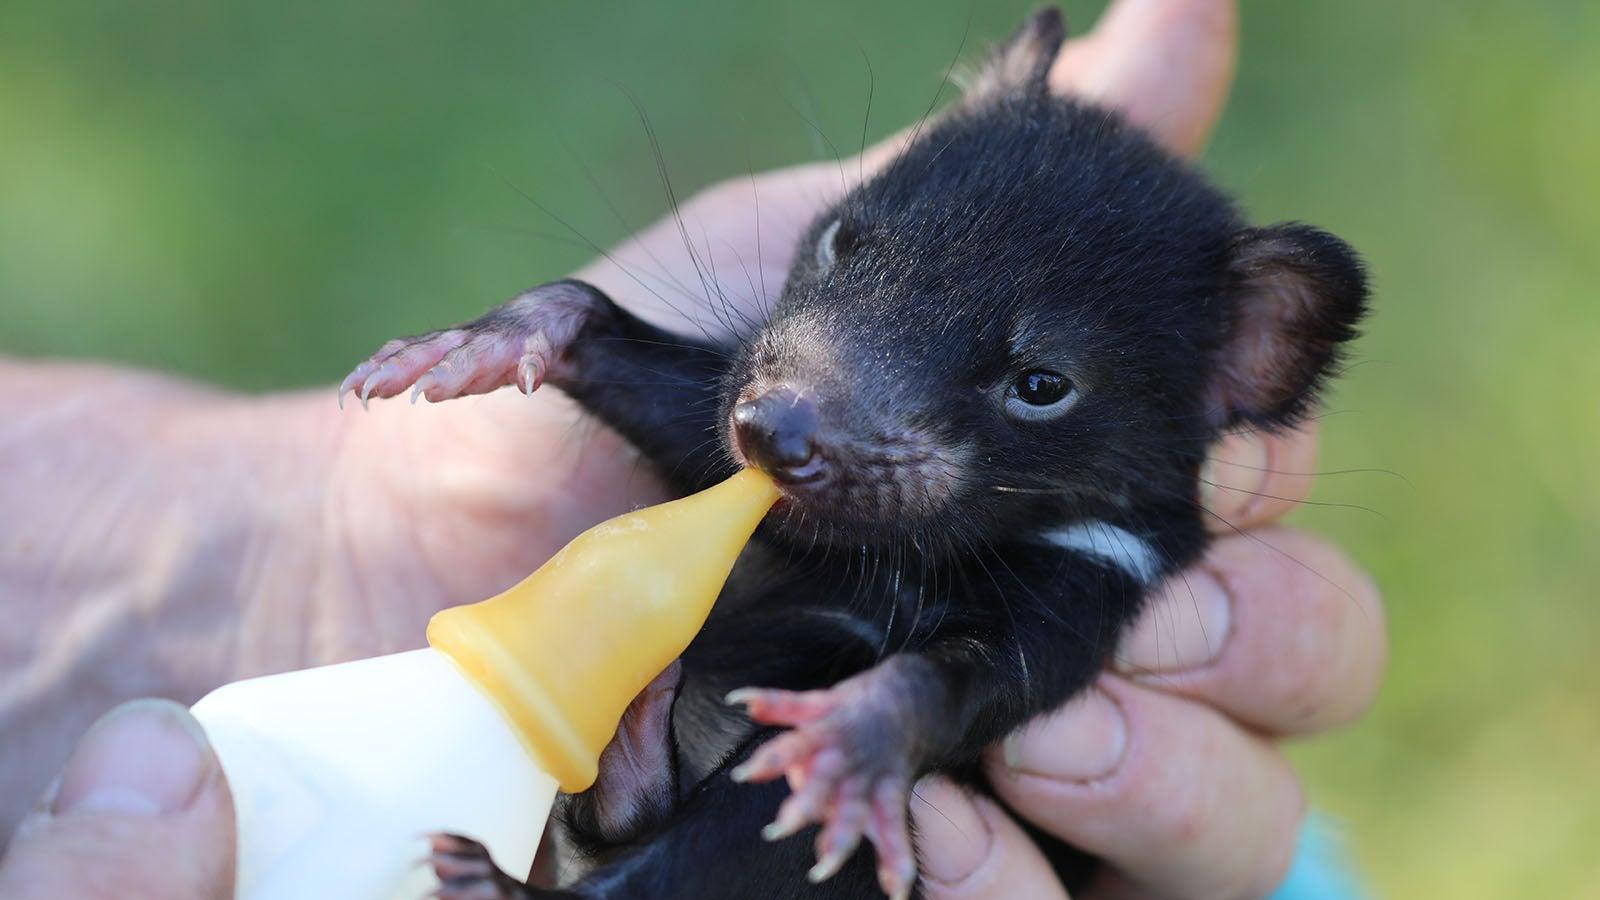 Auswilderung in Australien: Der Tasmanische Teufel ist zurück | The Weather Channel - Artikel von The Weather Channel | weather.com